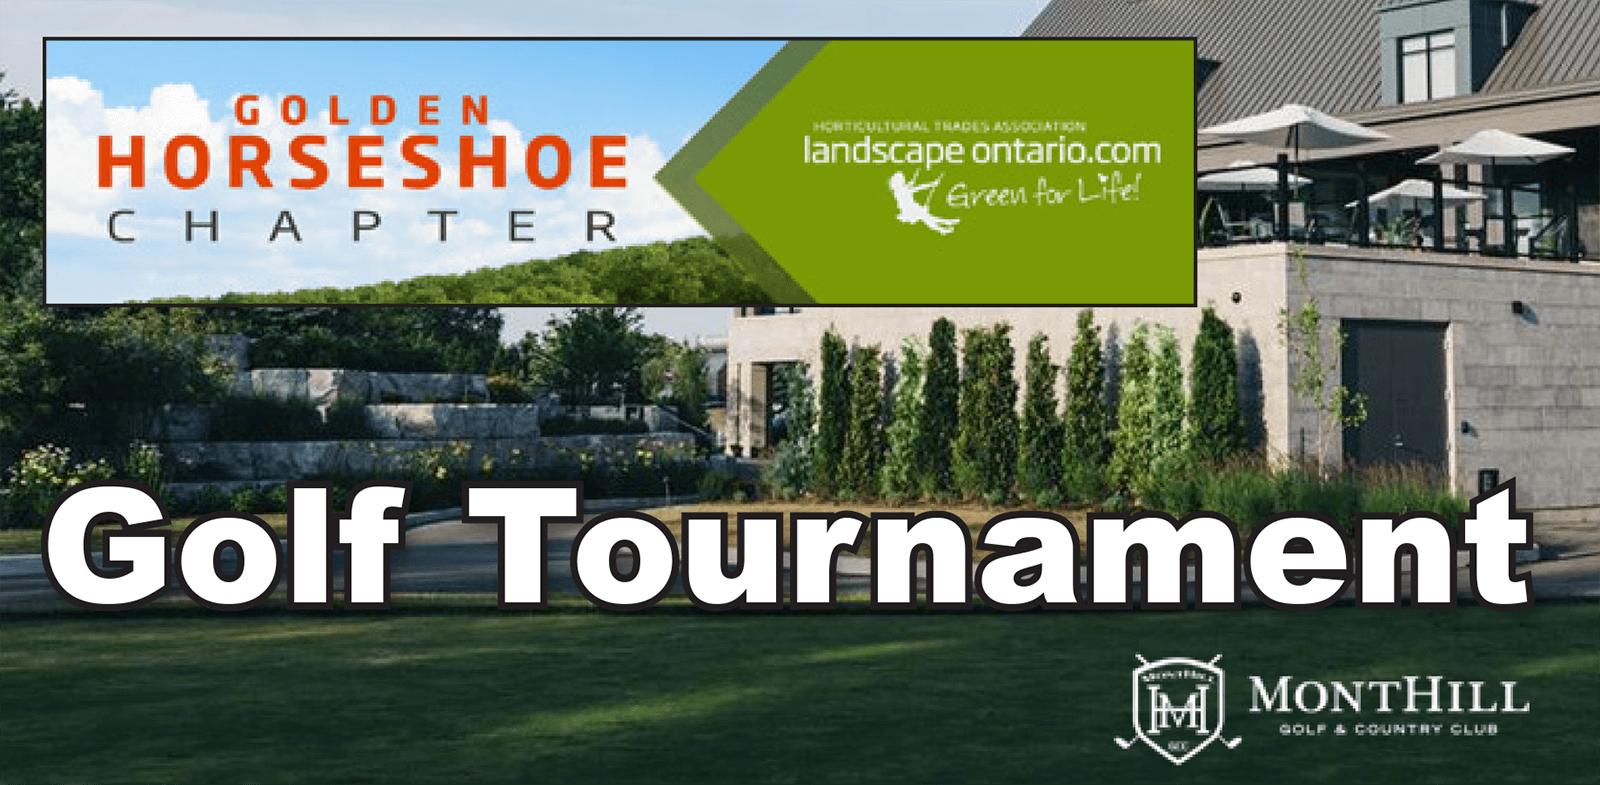 Golden Horsehoe Chapter Golf Tournament 2021